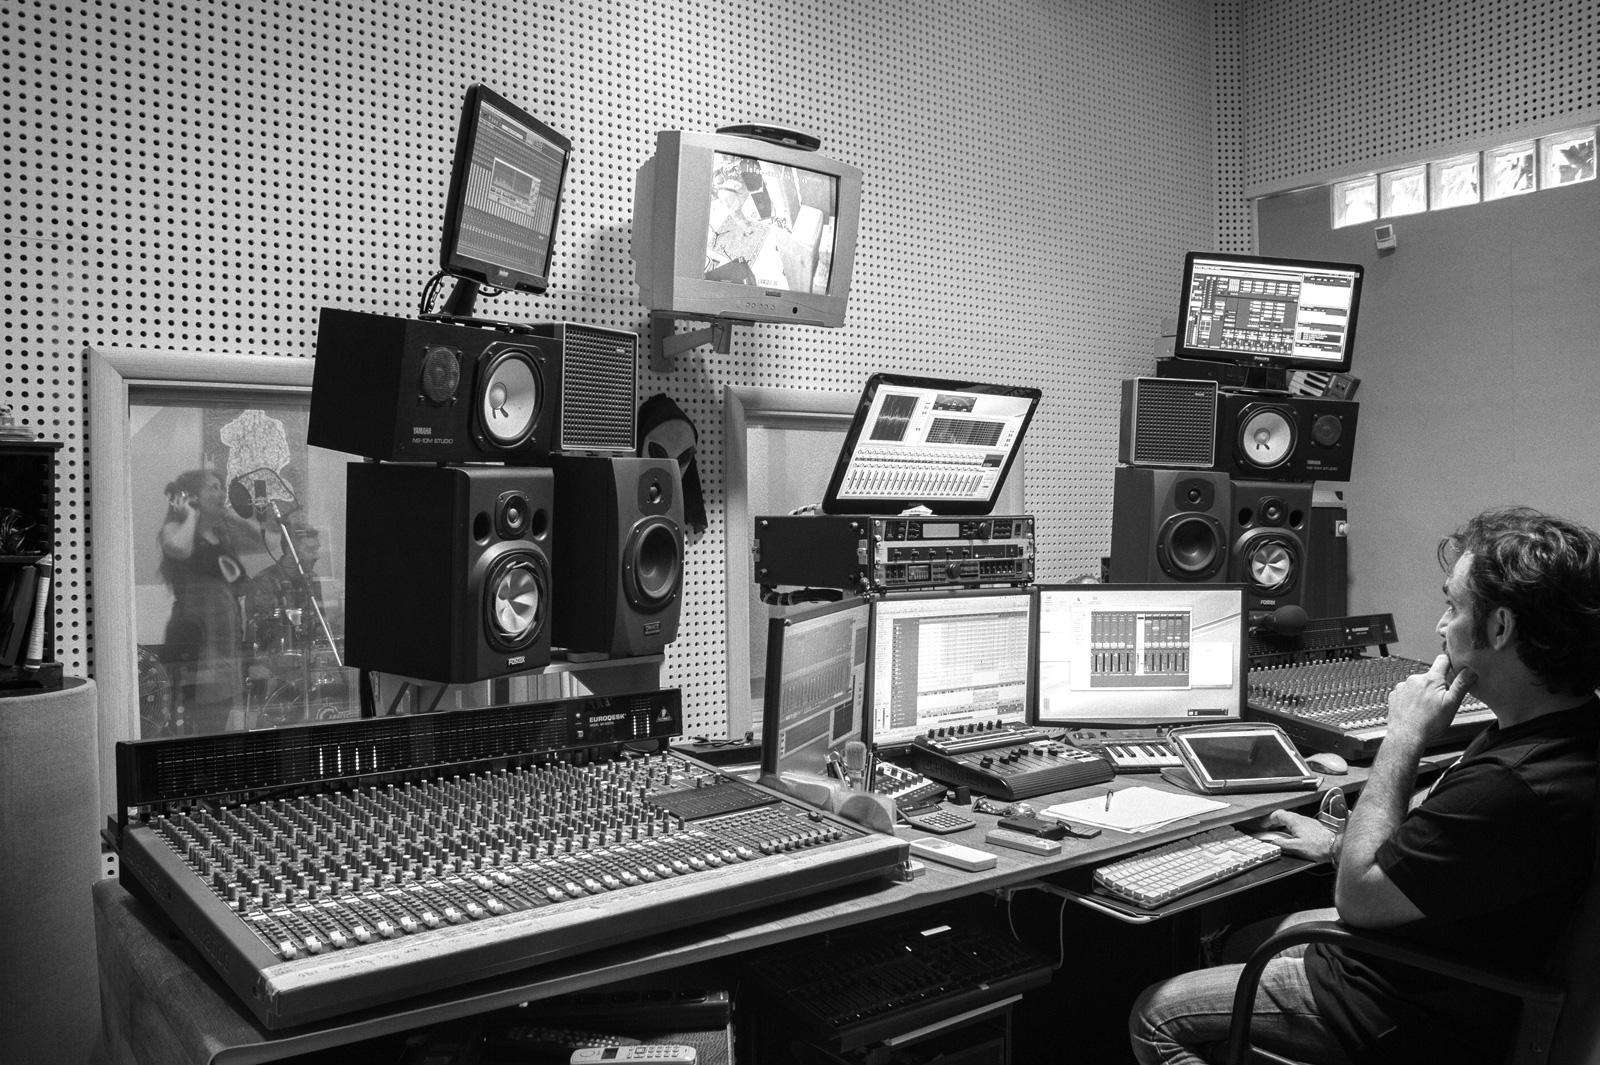 Piccola Sala Prove : Mastering.it audio labs: studio di registrazione e mastering sala